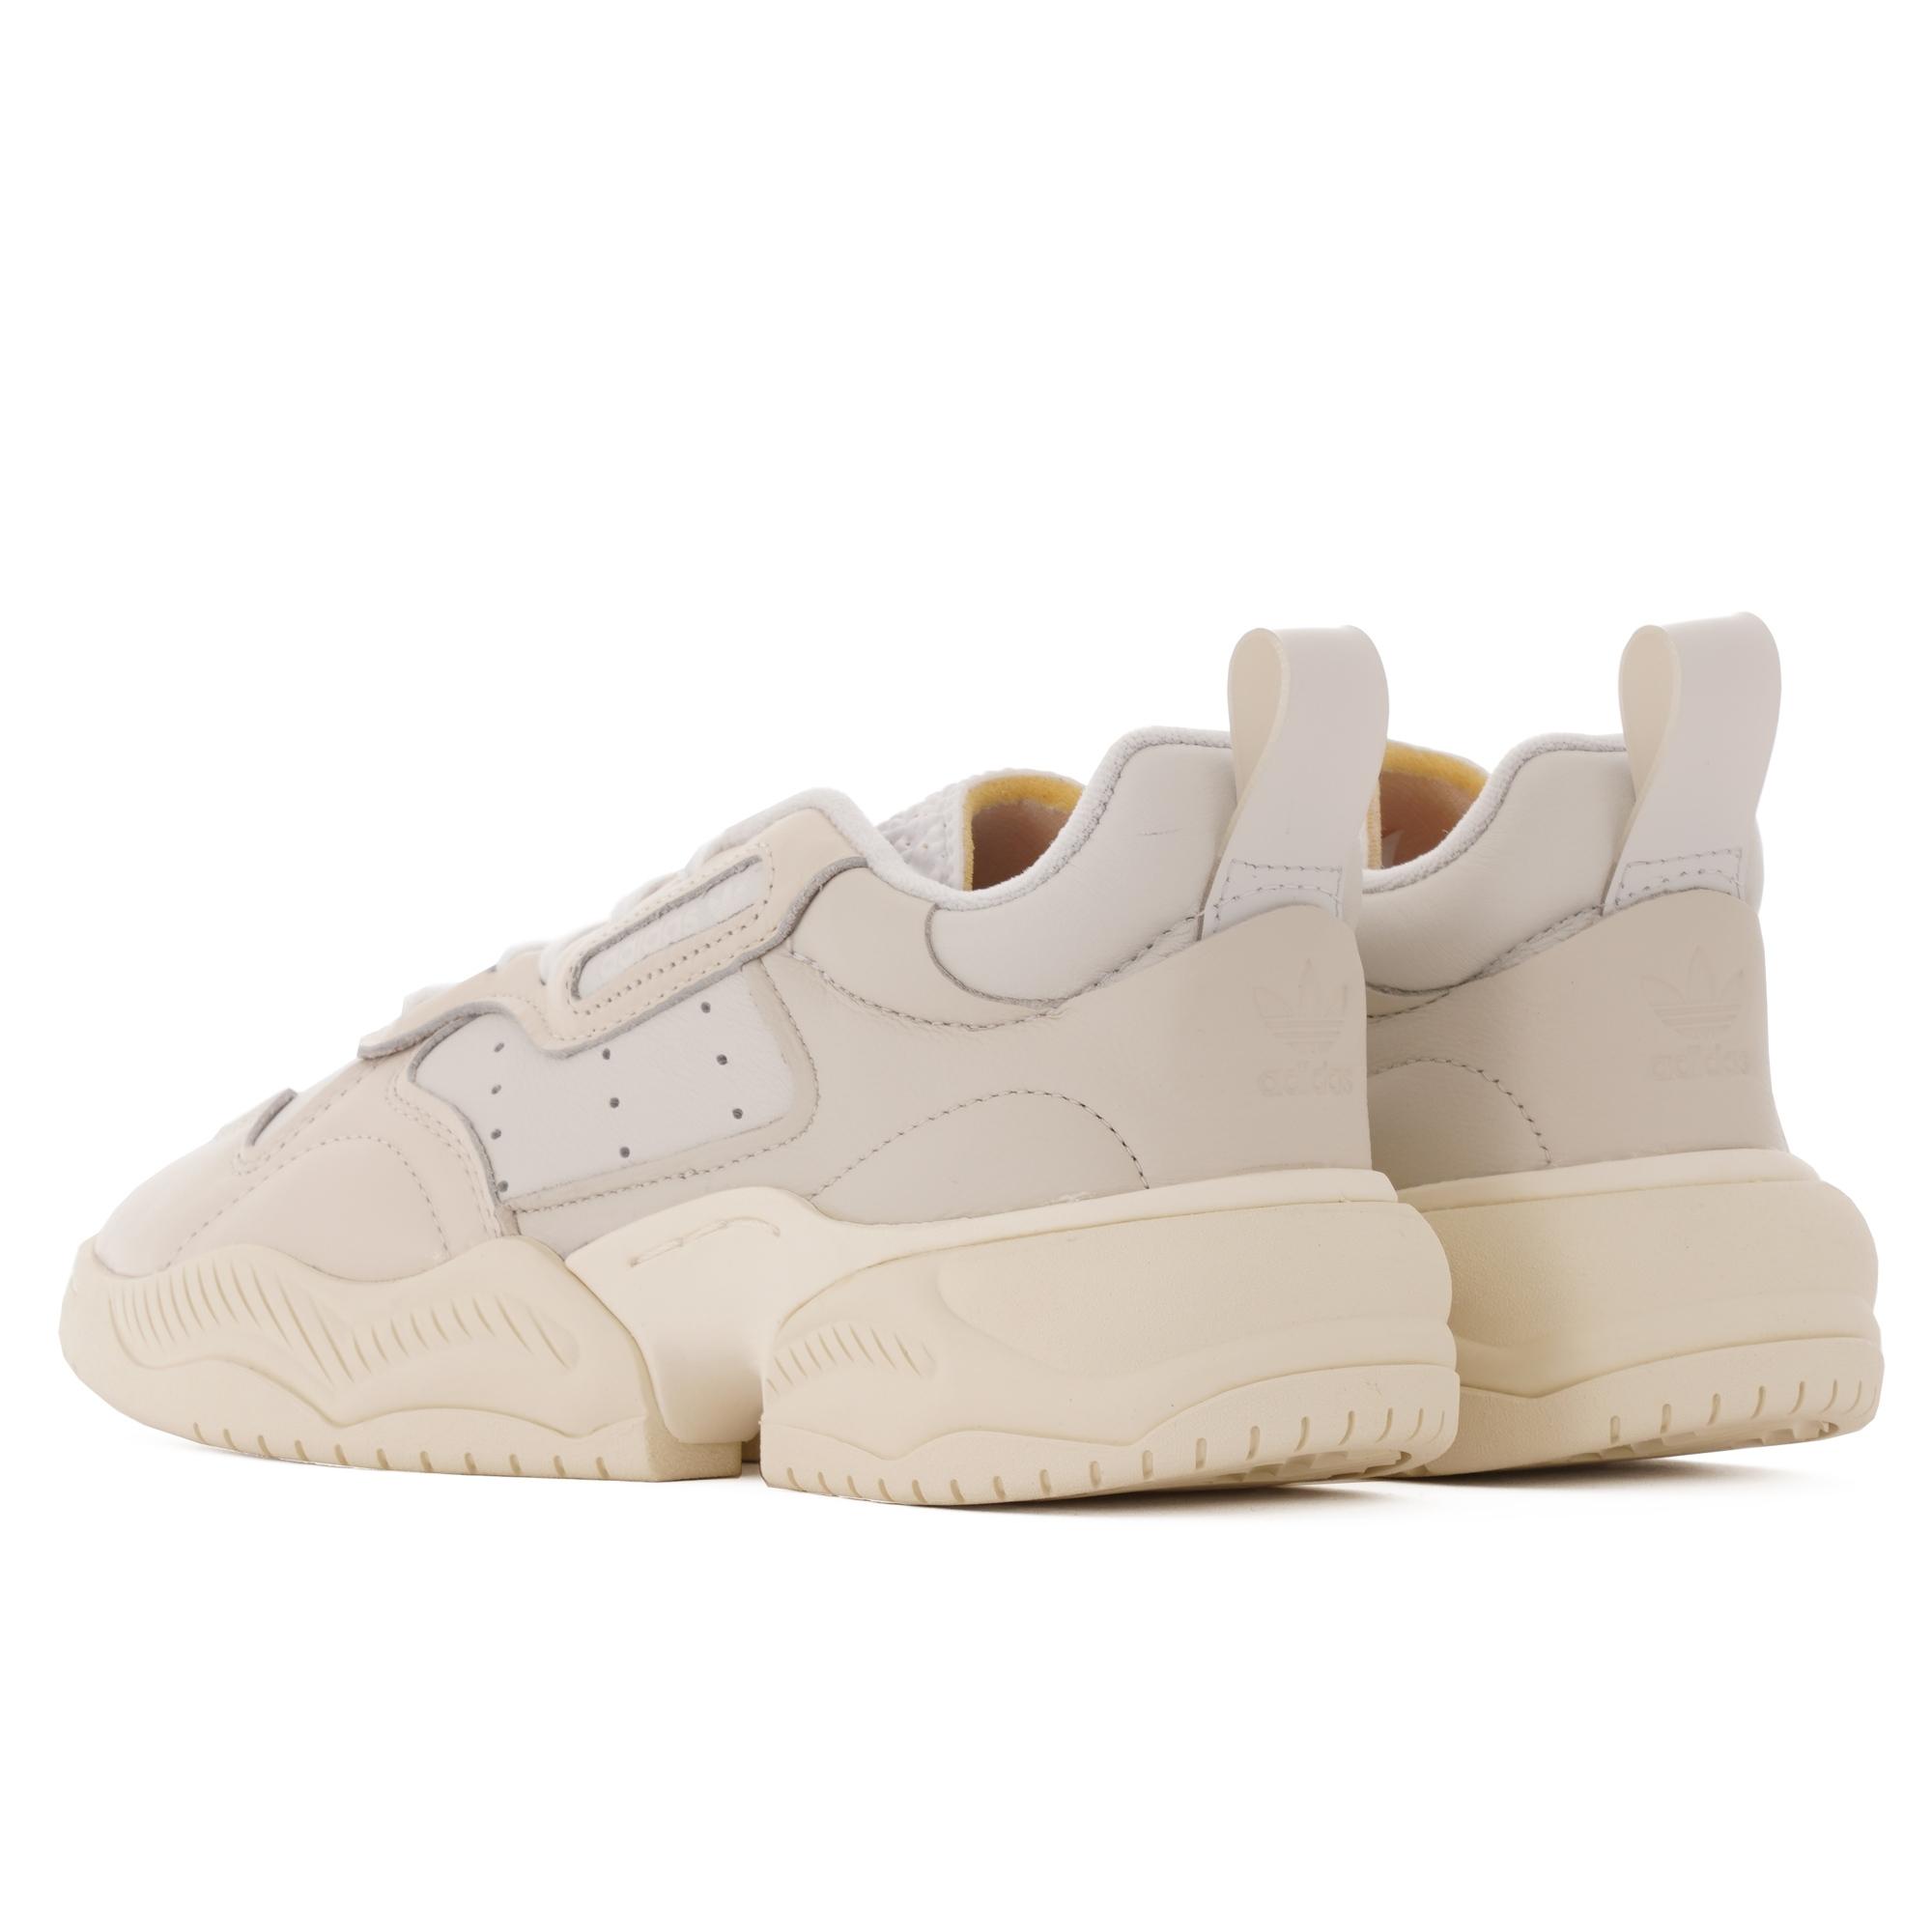 adidas originals supercourt rx footwear white-footwear white-off white